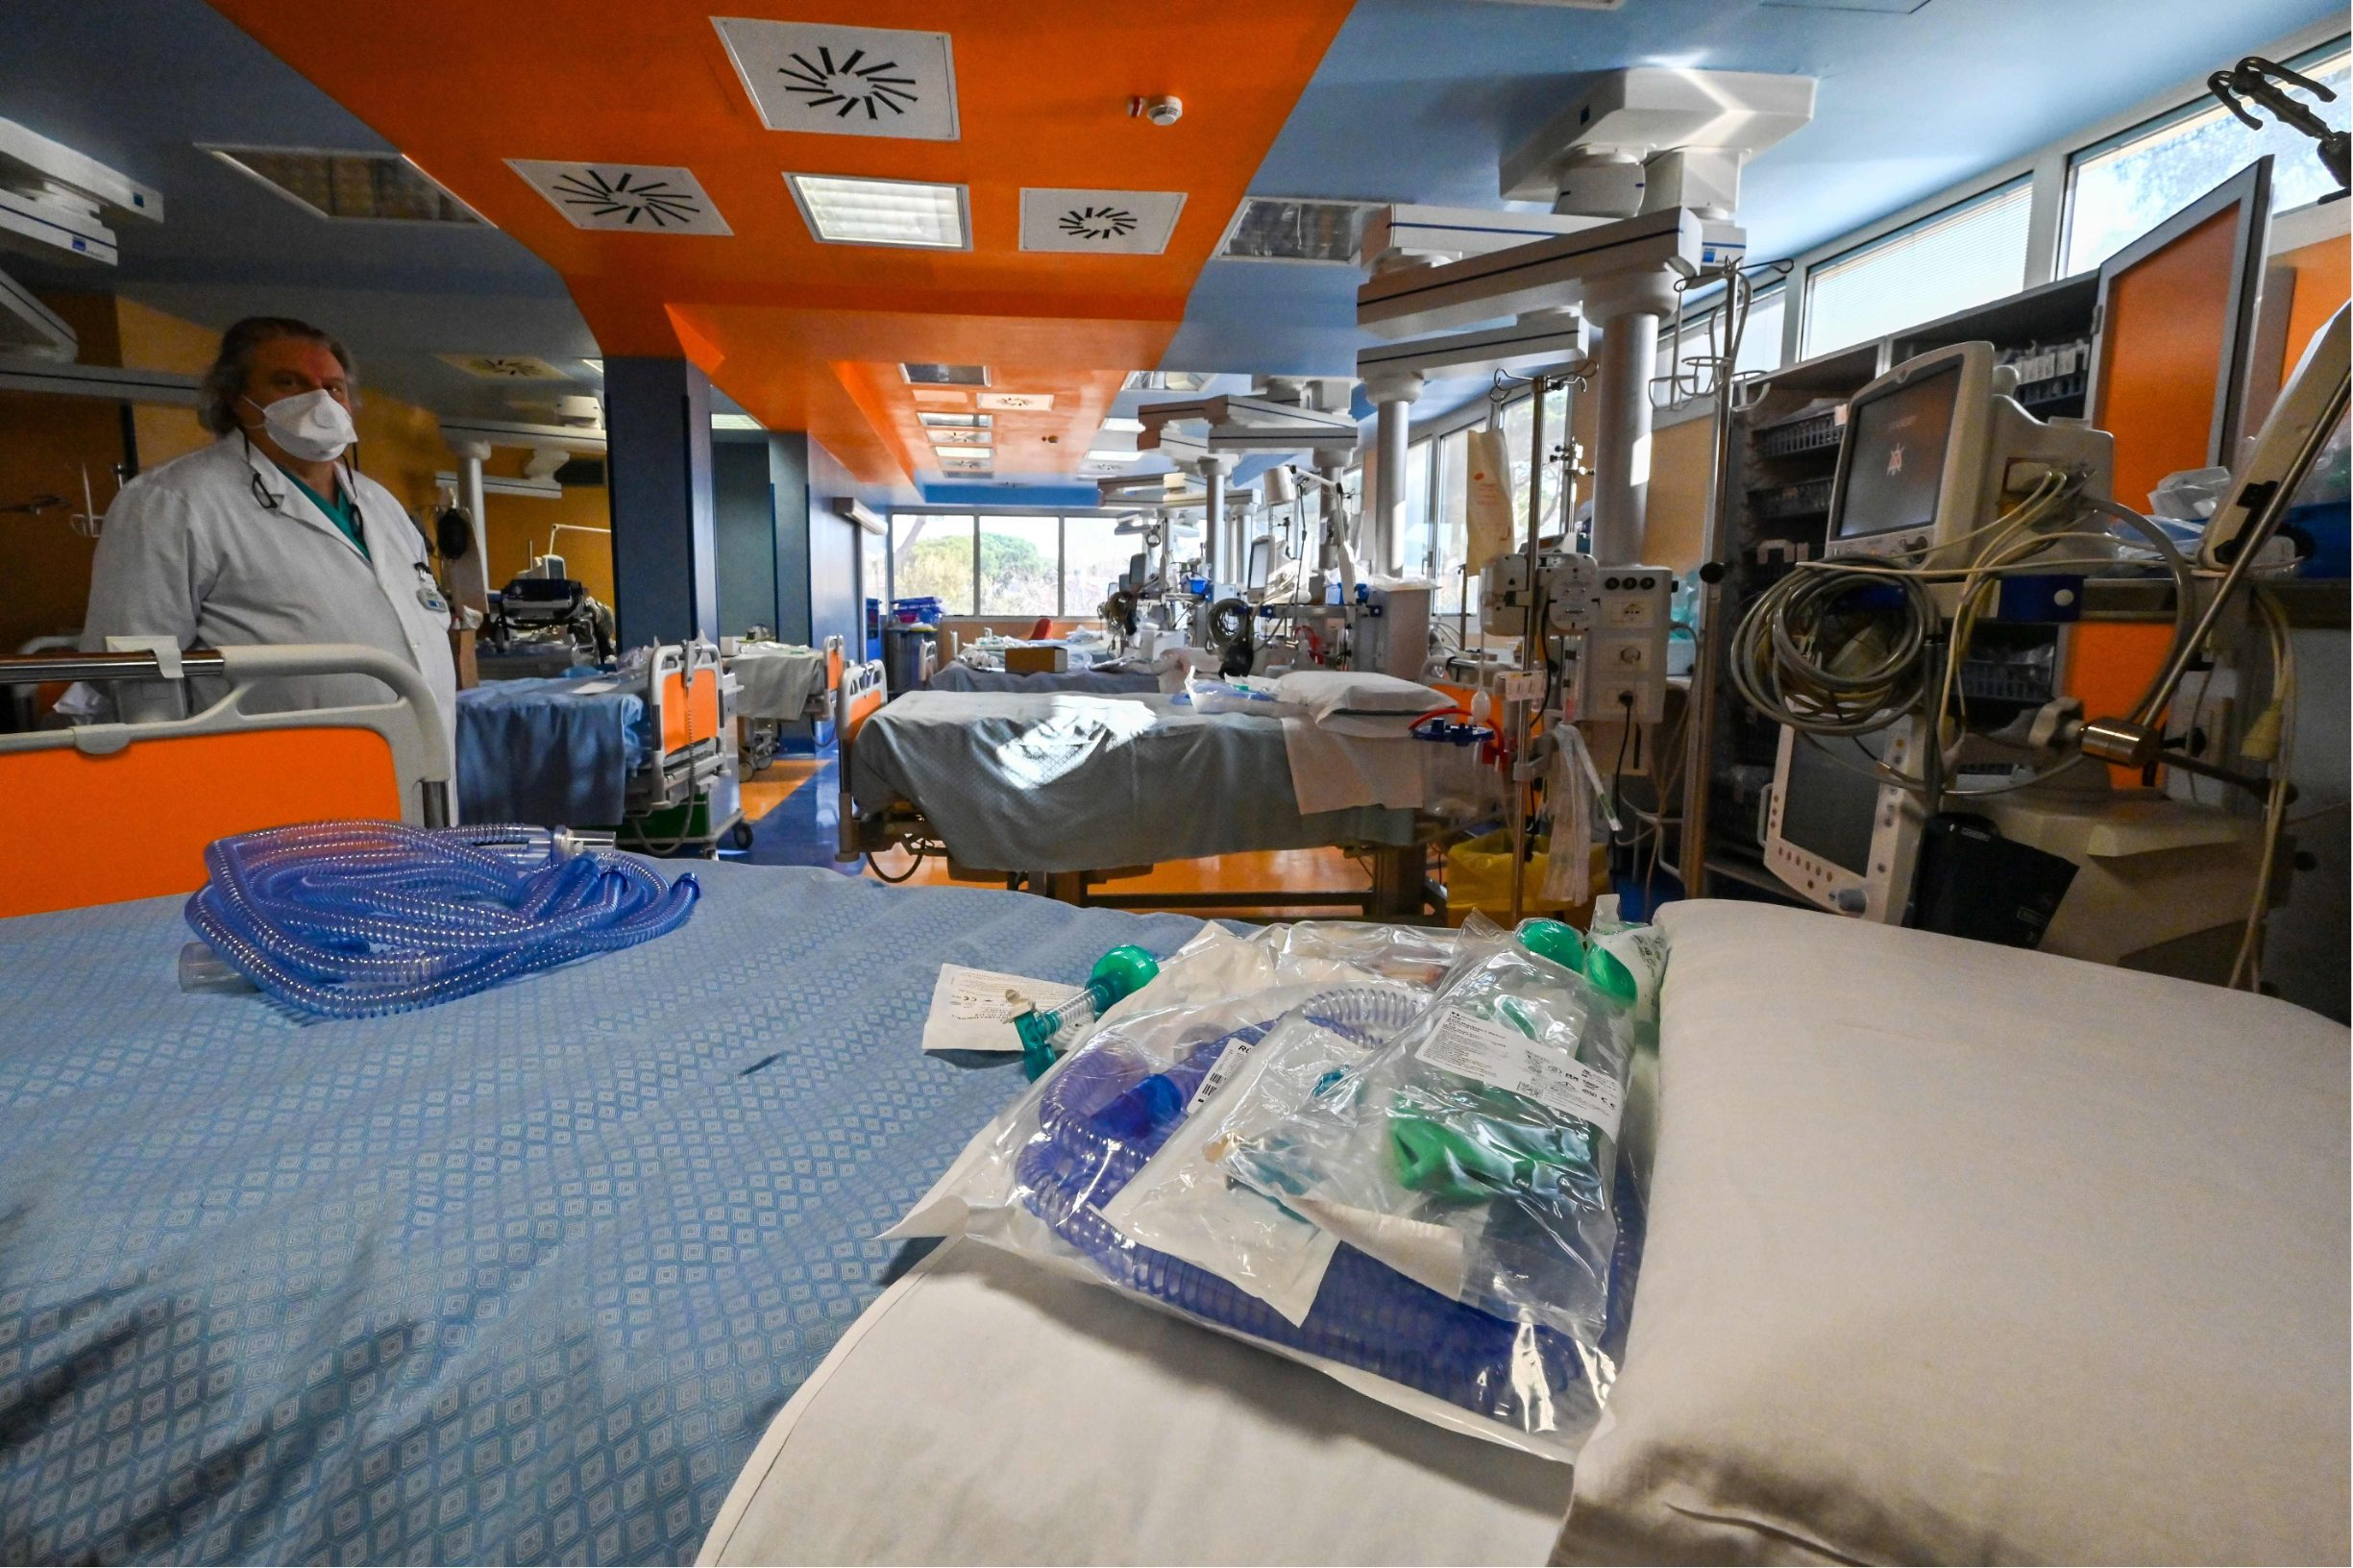 Kreveti u intenzivnoj njezi bolnice nedaleko Rima